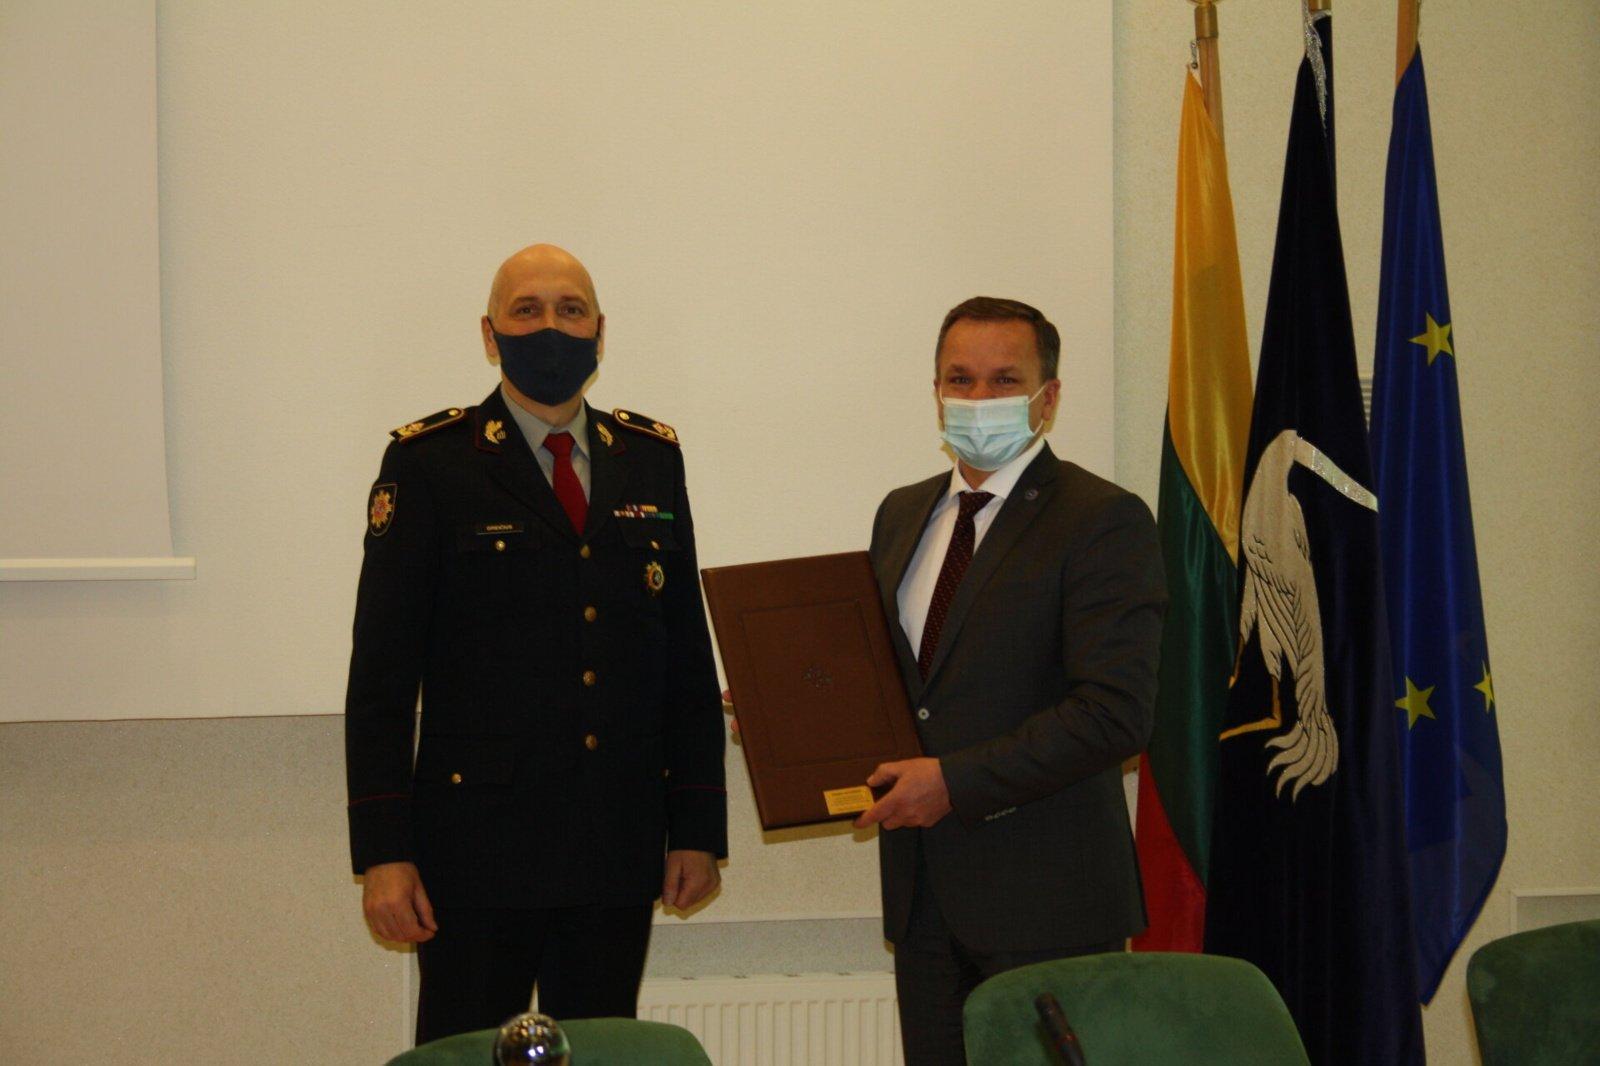 Visagino savivaldybė pripažinta saugiausia Lietuvoje